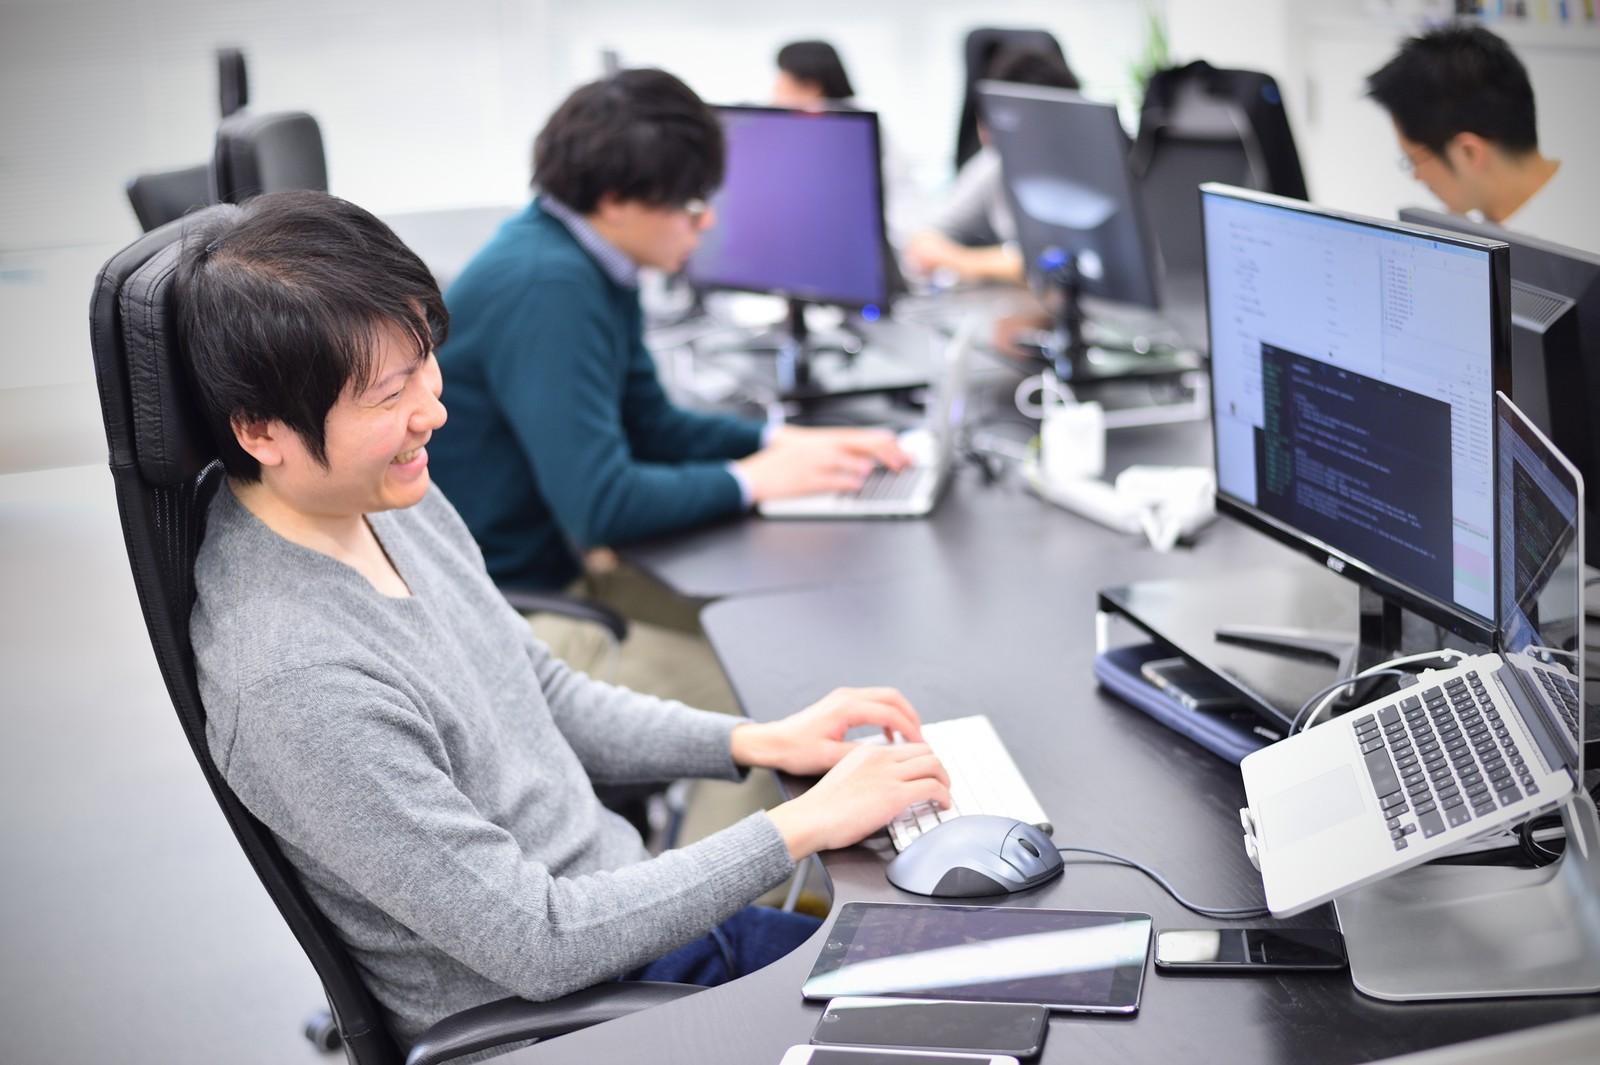 画像・動画ベースのマニュアル作成サービス「Teachme Biz」のWindowsアプリ開発!